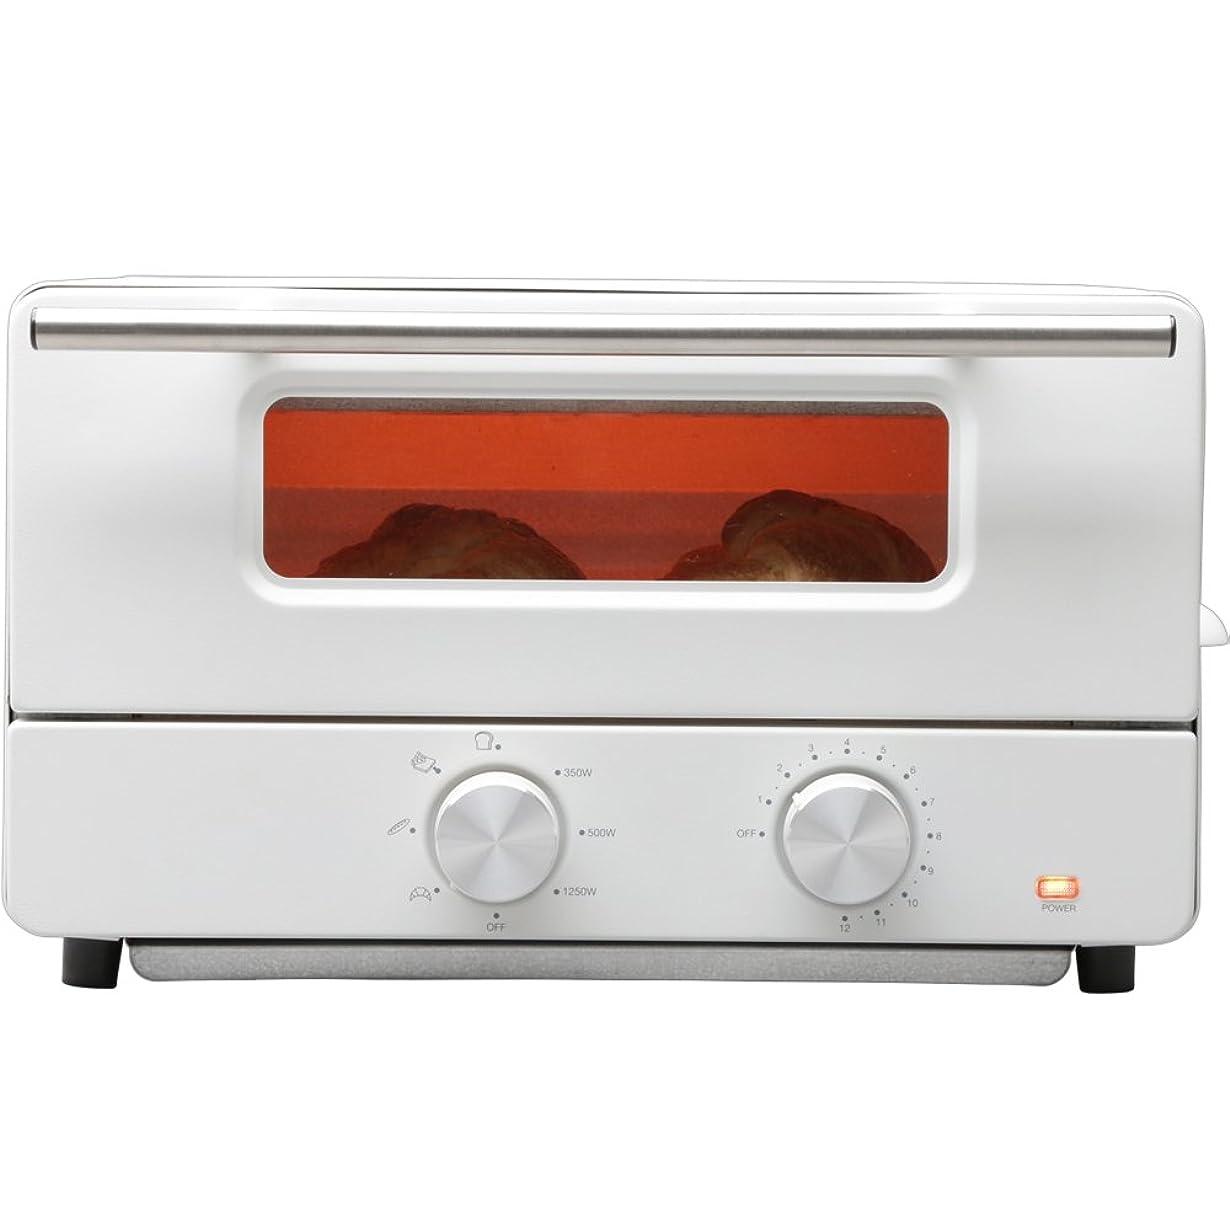 曲がったジャーナル才能のあるヒロ?コーポレーション オーブントースター スチーム機能付 トースト2枚 ホワイト HCST2016-I